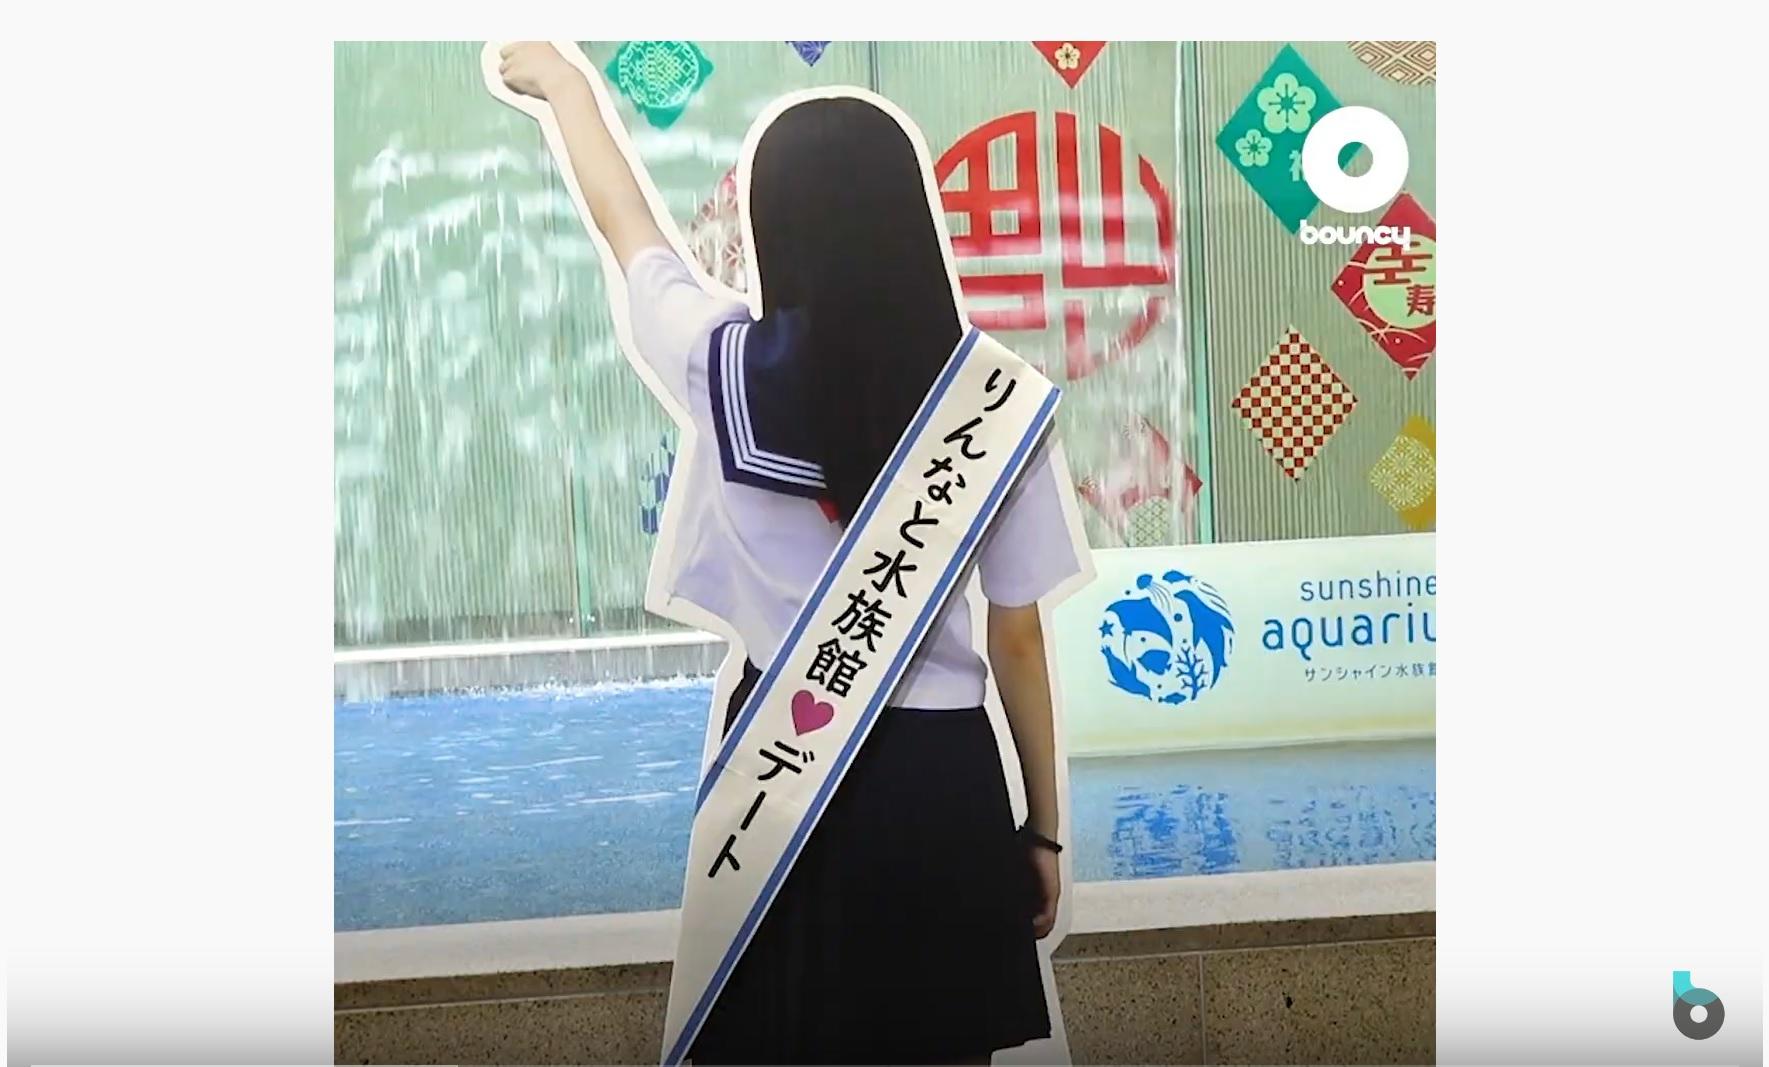 「女子高生AIりんな」と水族館デート! 見えた景色に感想を述べる新モデル登場